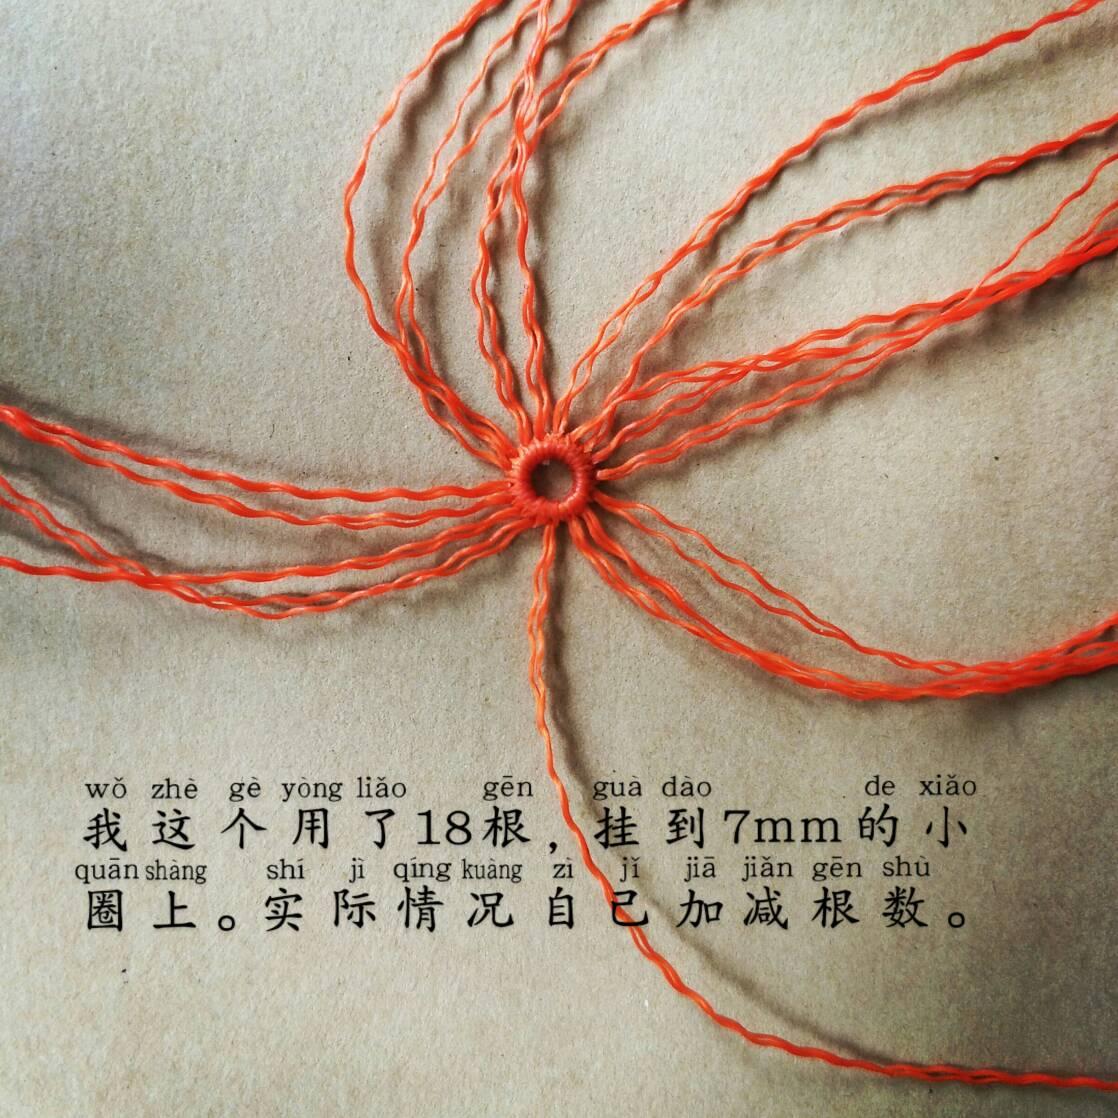 中国结论坛 捕梦网教程  图文教程区 154902alzgippnbg07pn5i